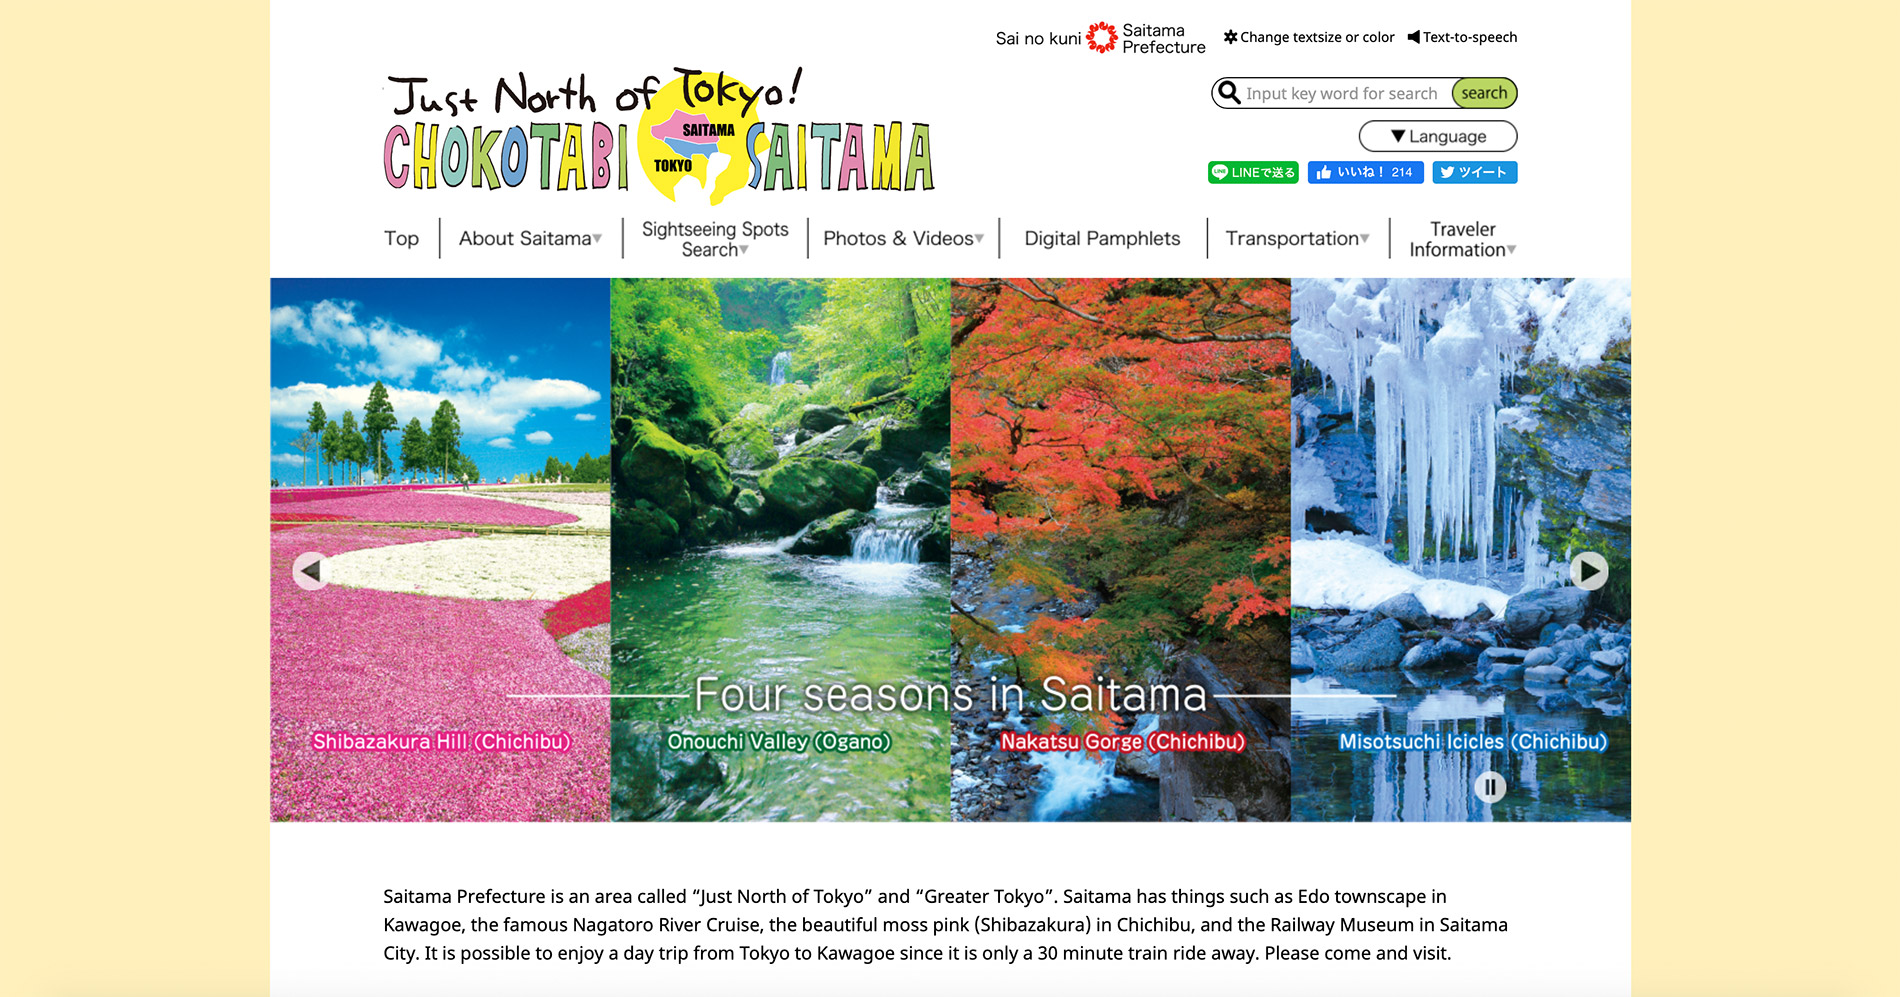 Die englische Webseite des Tourismusverbandes der Präfektur Saitama.